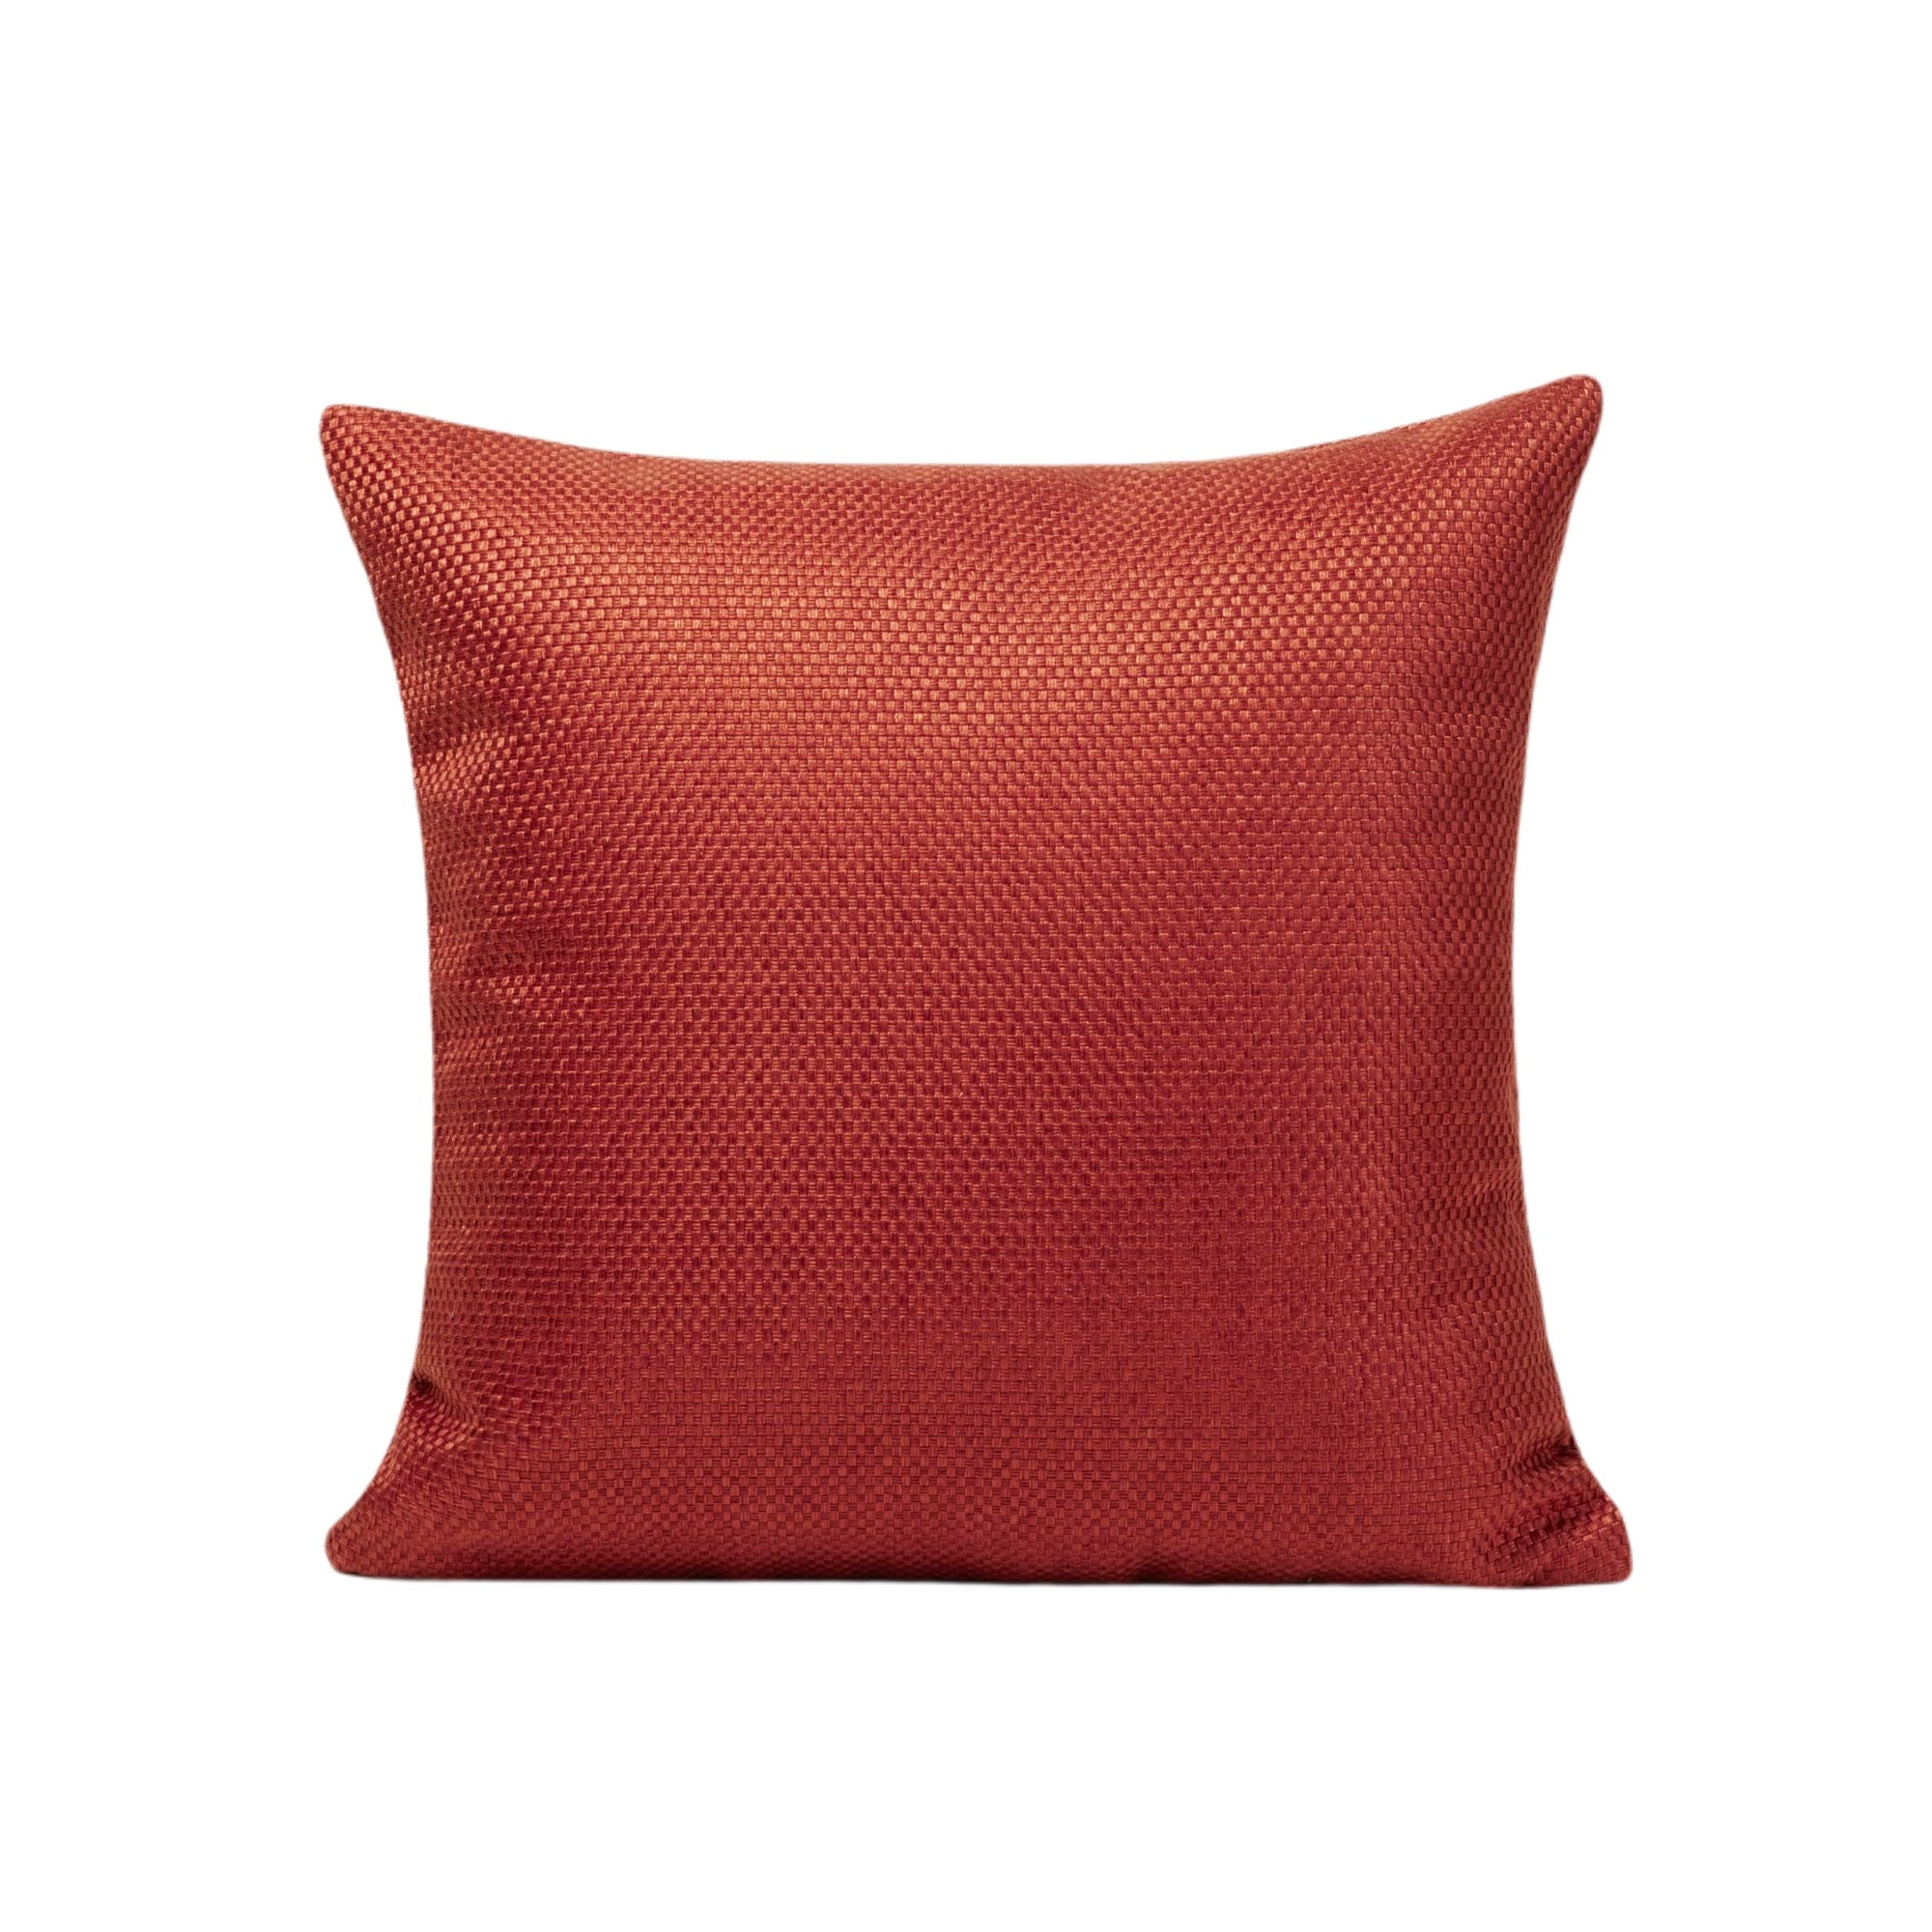 Housse de coussin 50x50 cm Orange Brique